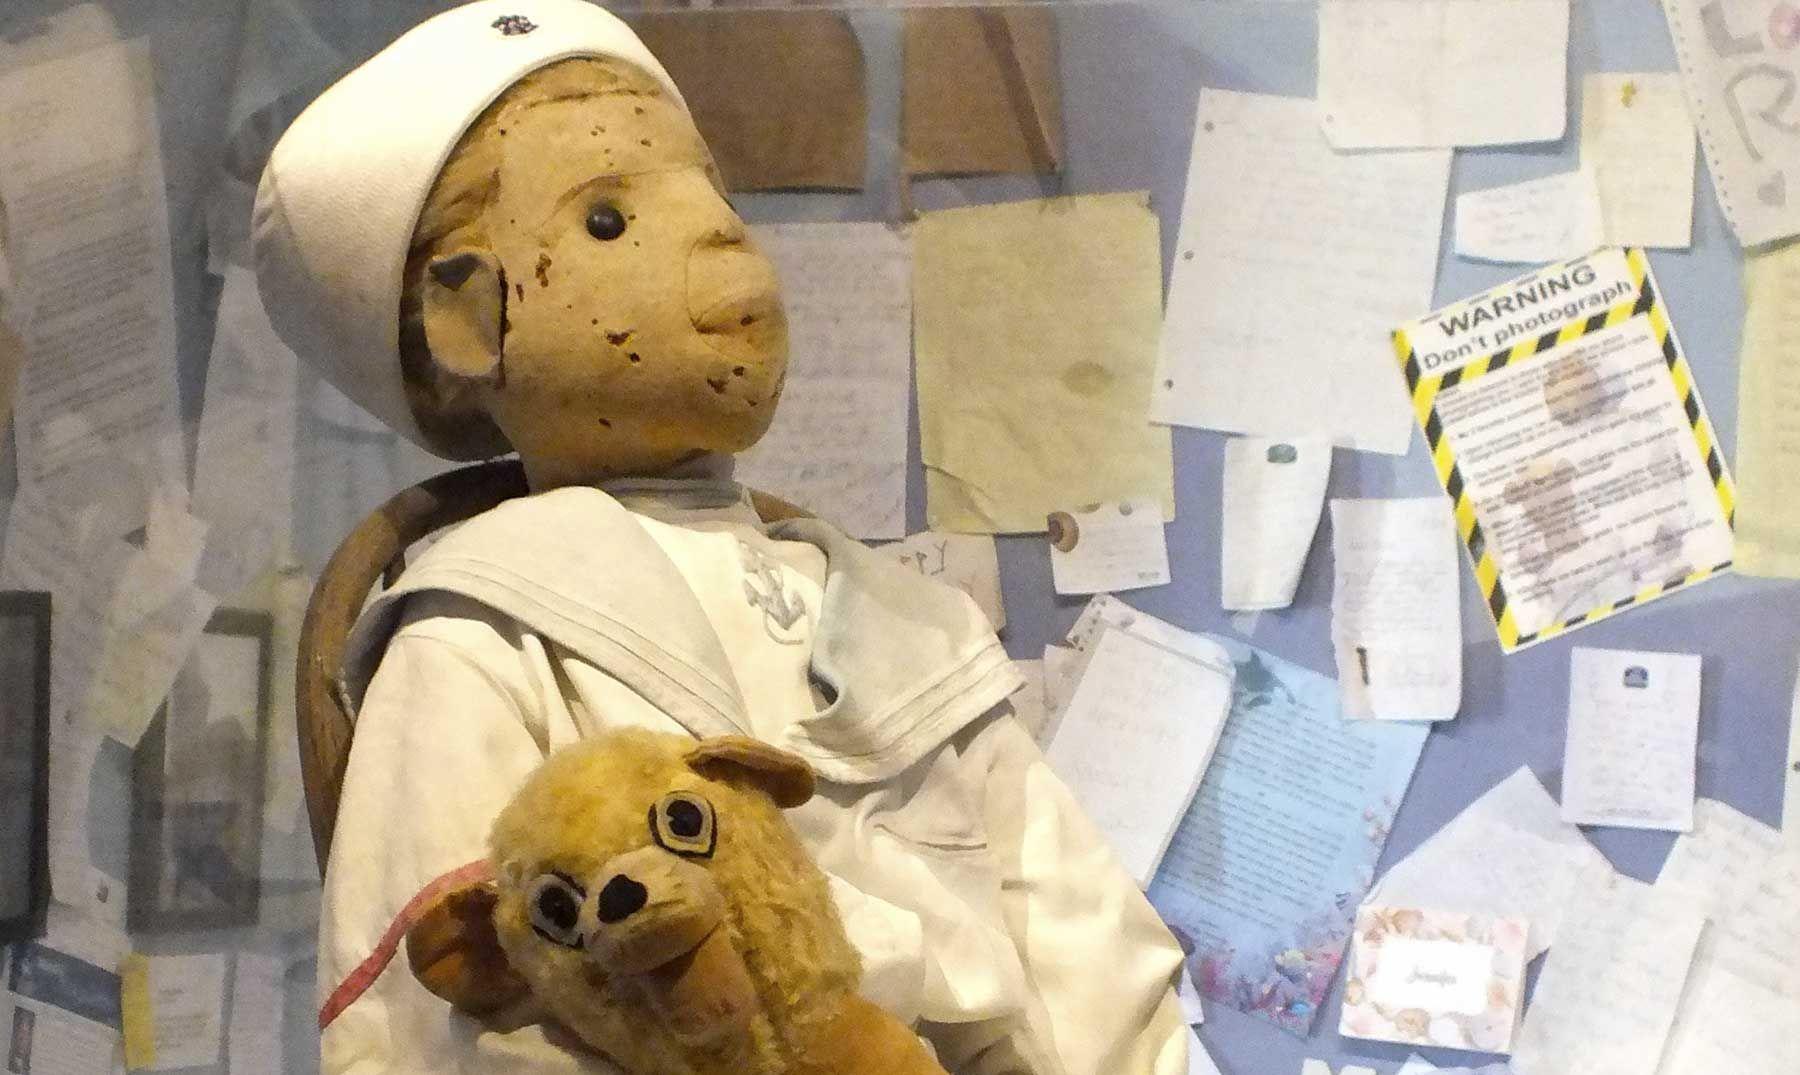 El muñeco Robert, una historia de terror real | Historia de terror, Muñecas embrujadas, Chucky